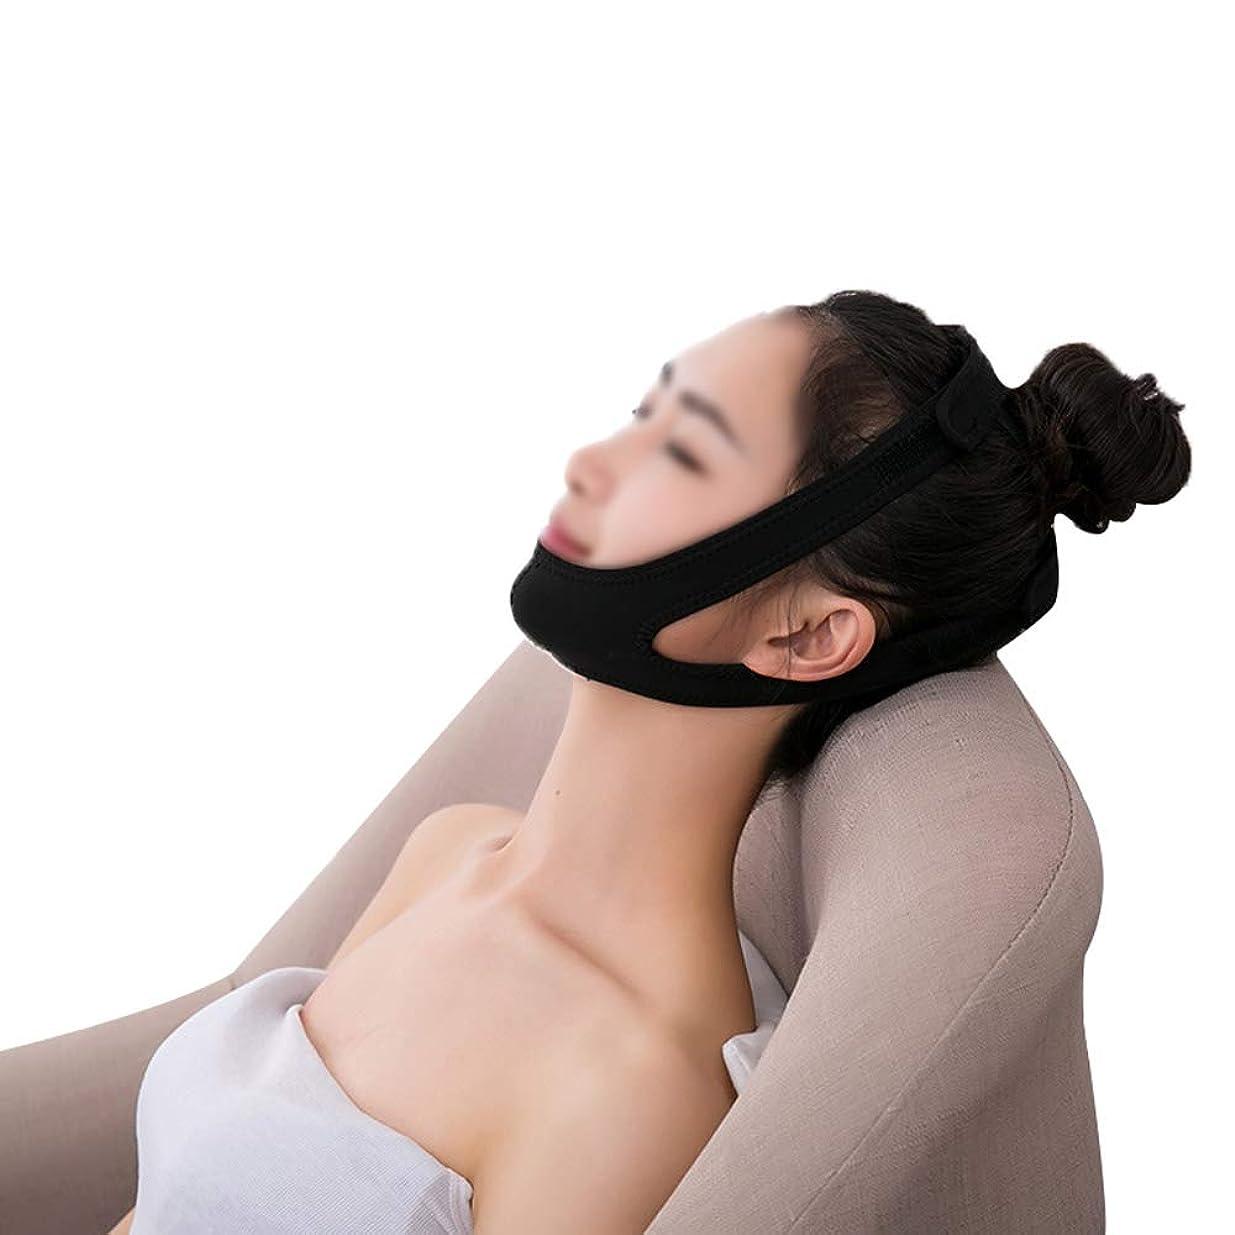 結晶群衆ジェットXHLMRMJ 引き締めフェイスマスク、術後リフティングマスクホーム包帯揺れネットワーク赤女性vフェイスステッカーストラップ楽器フェイスアーティファクト